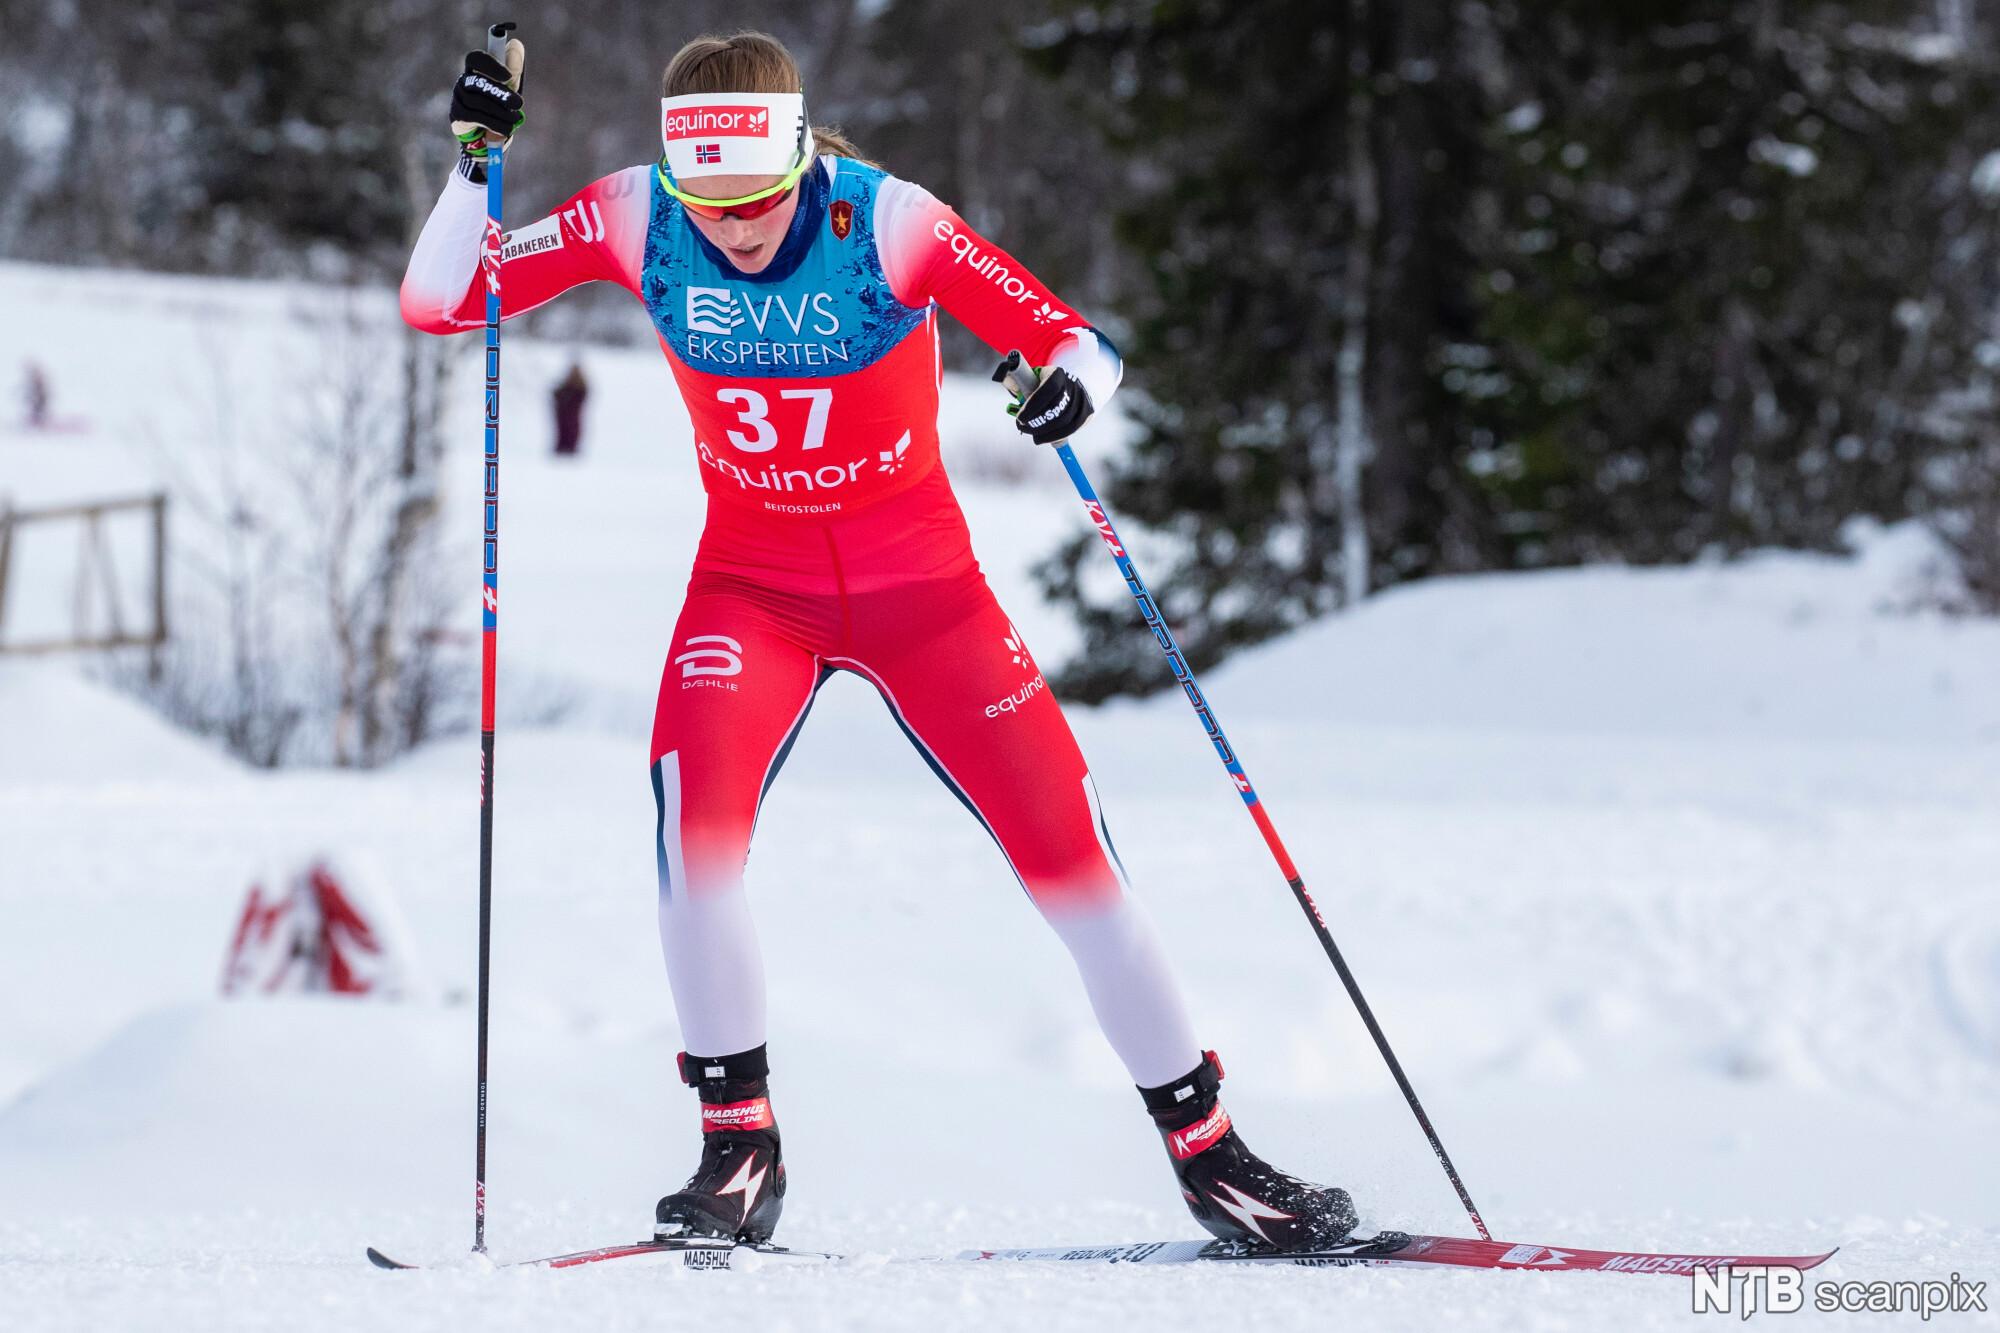 Mathilde Skjærdalen Myhrvold